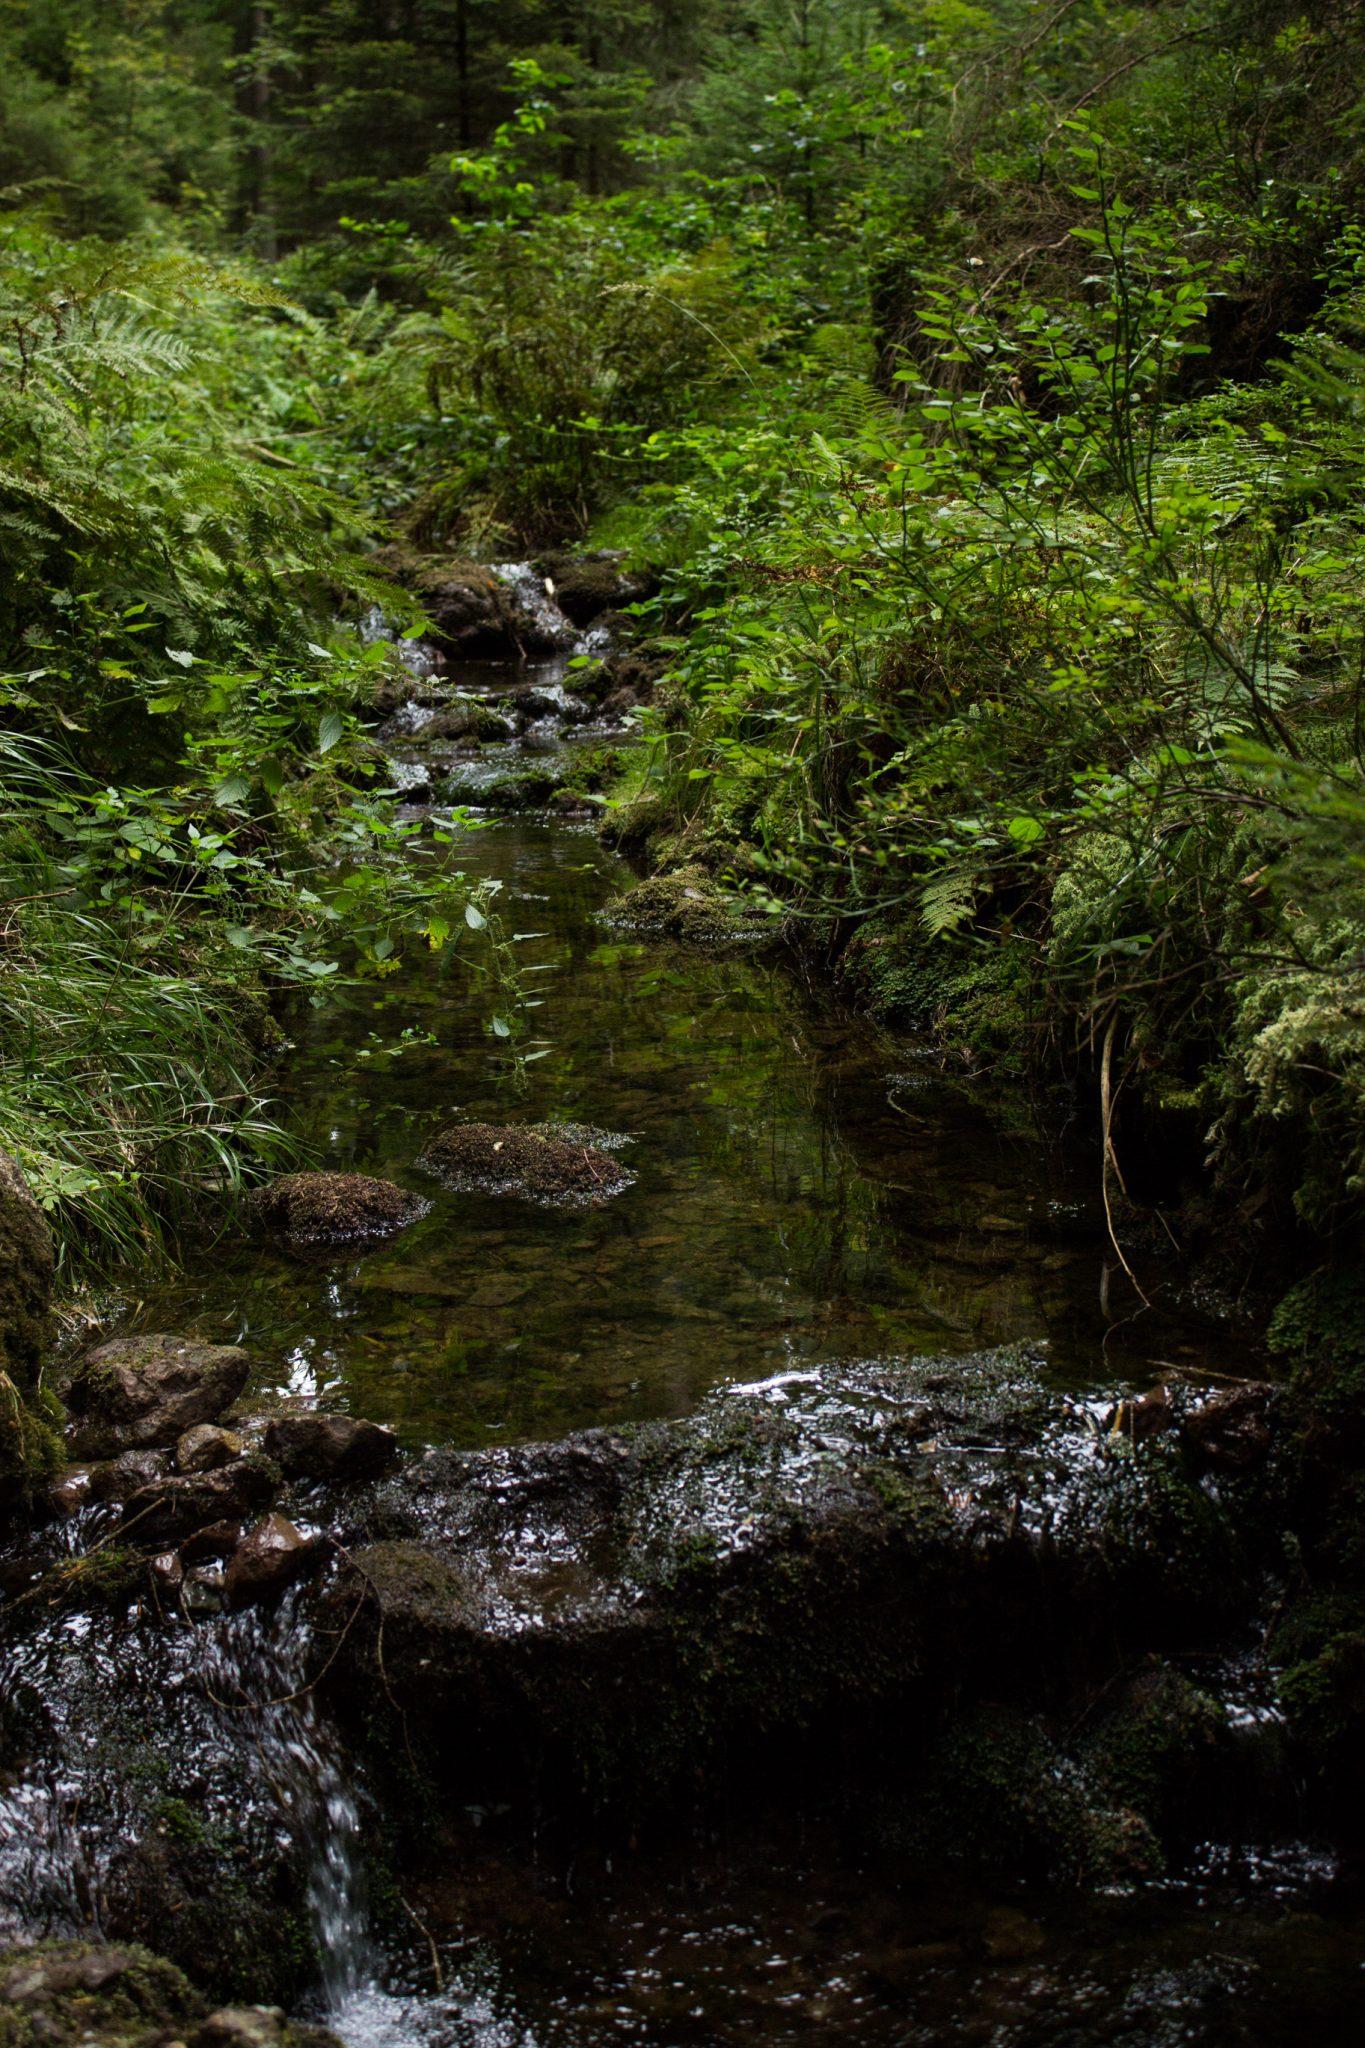 Marderschlucht wandern bei Tambach-Dietharz, schöner Wanderweg durch dichten, grünen Wald entlang plätscherndem Marderbach und Tal